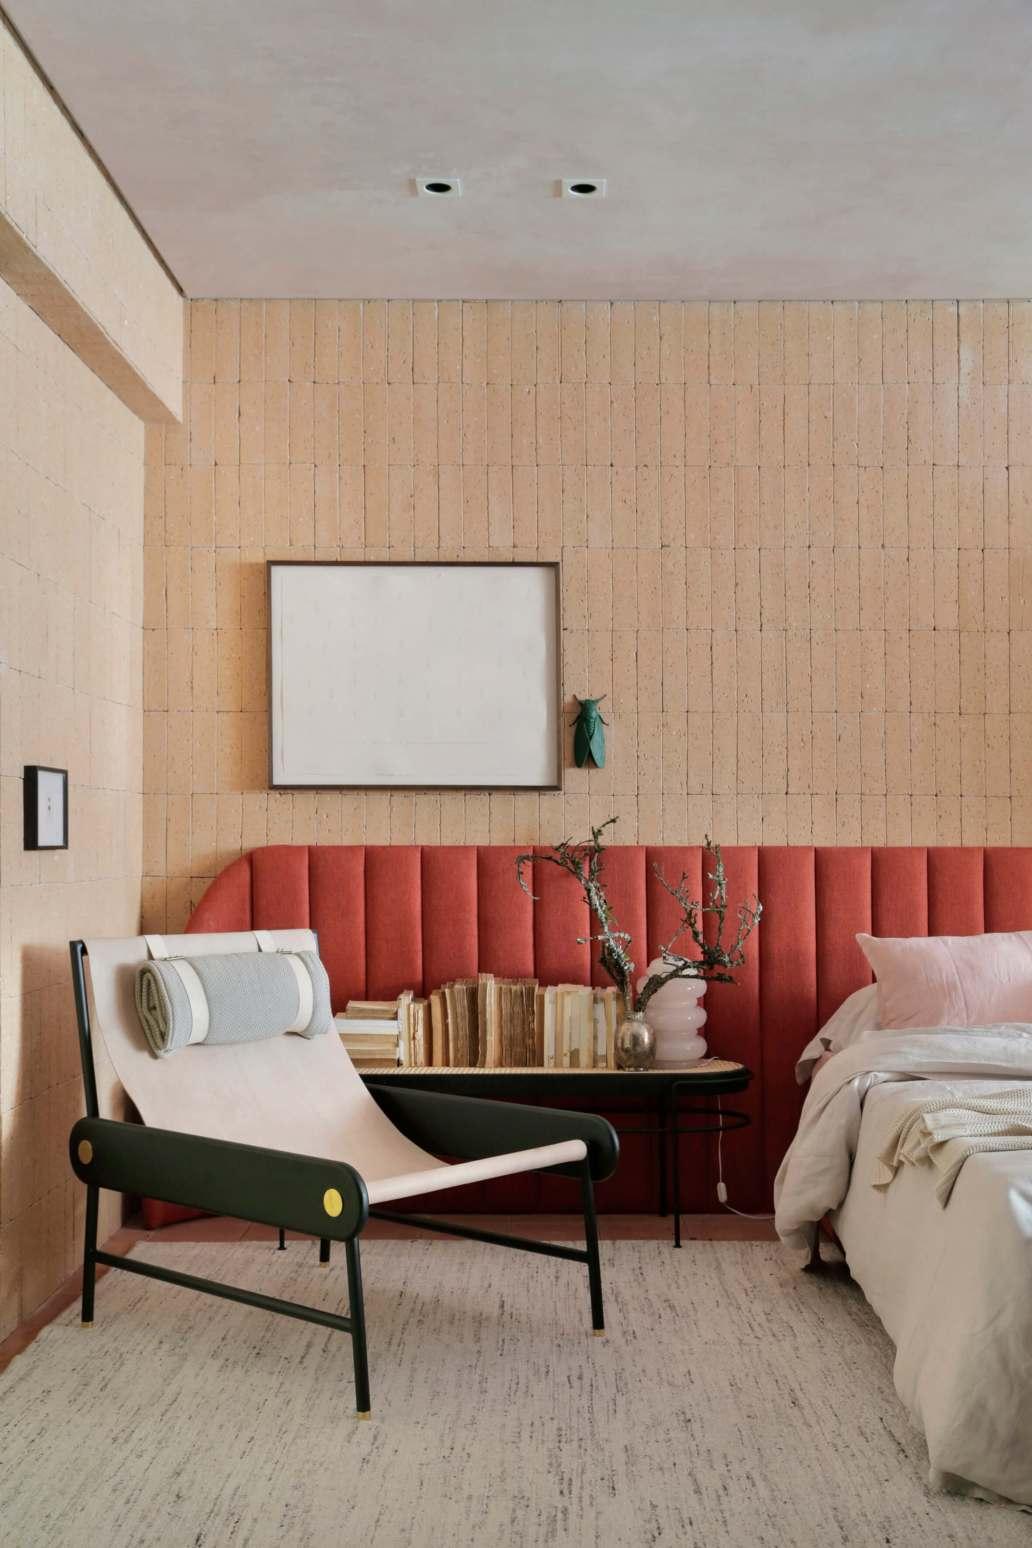 chambre design et cosy tres nordique 1365x2048 - Décoration Hygge : découvrez cette philosophie de vie venue du Danemark